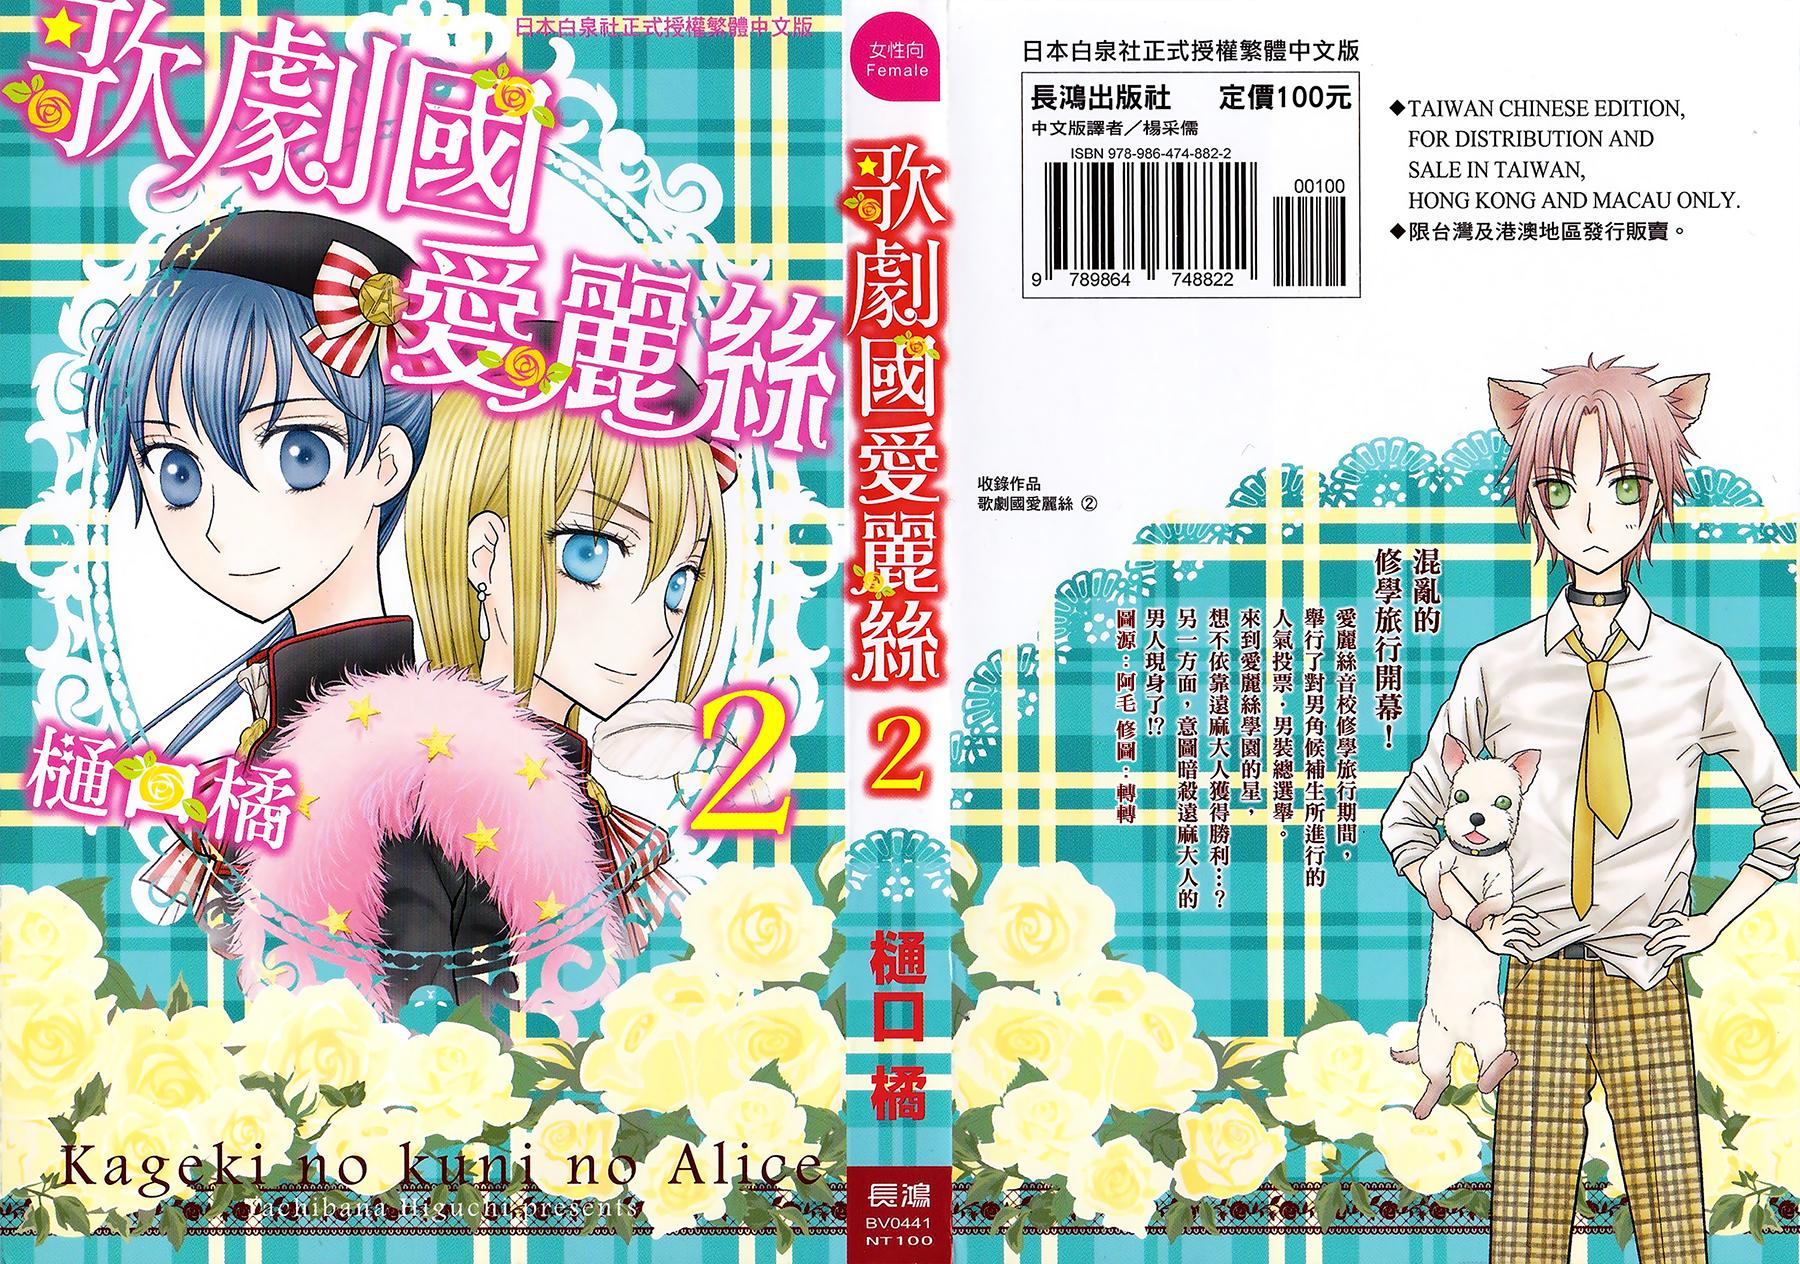 【红莲扫漫】歌劇之國的愛麗絲中单2卷加笔|